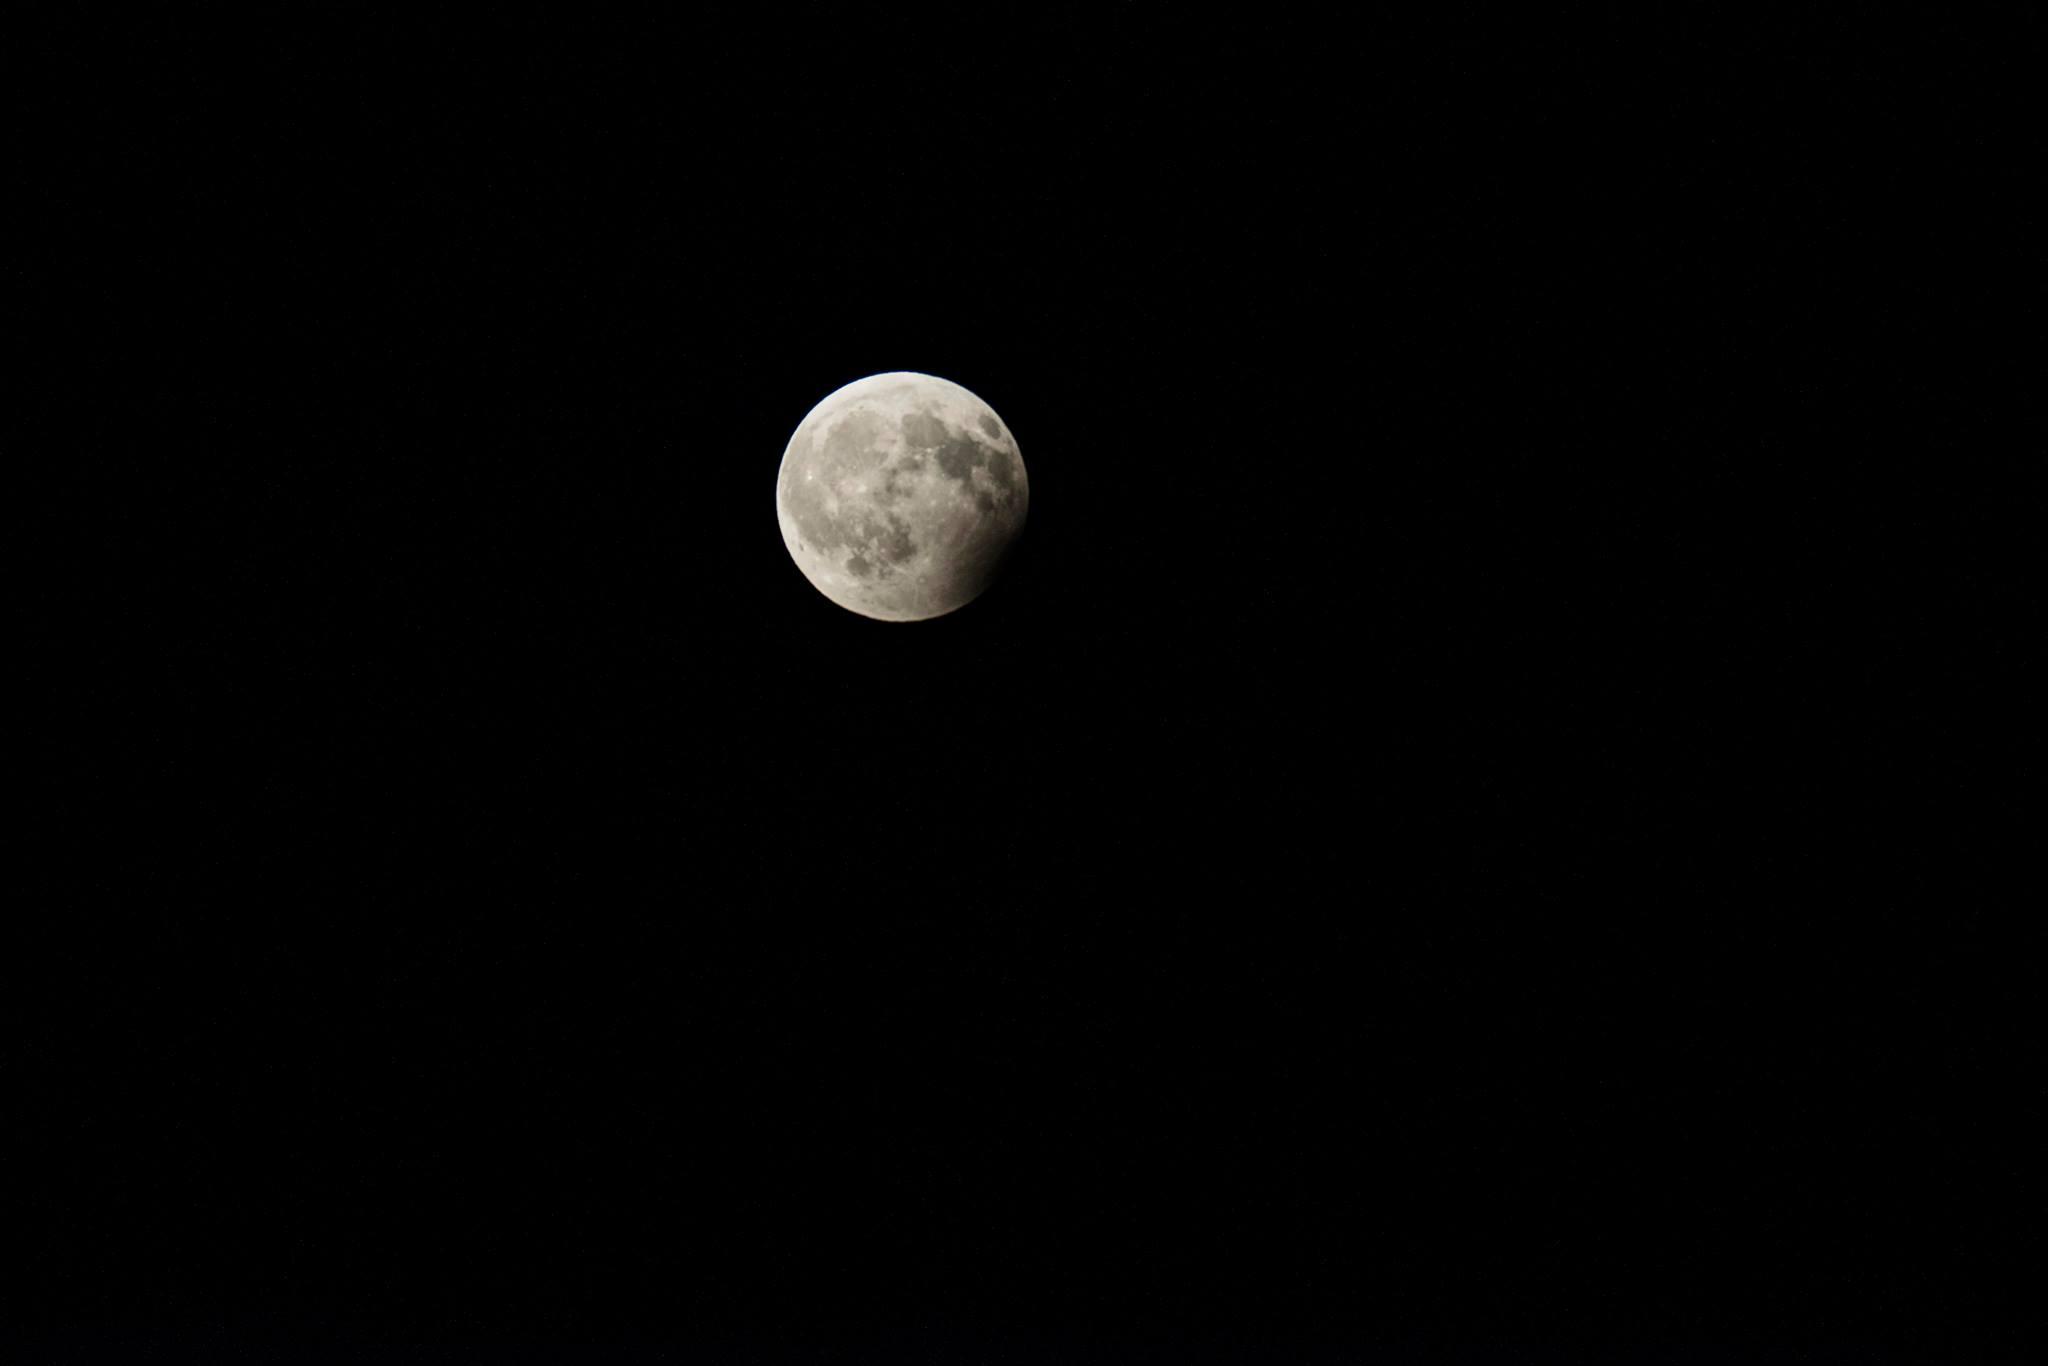 Eclissi parziale di luna - 7 agosto 2017 - Skender Buci